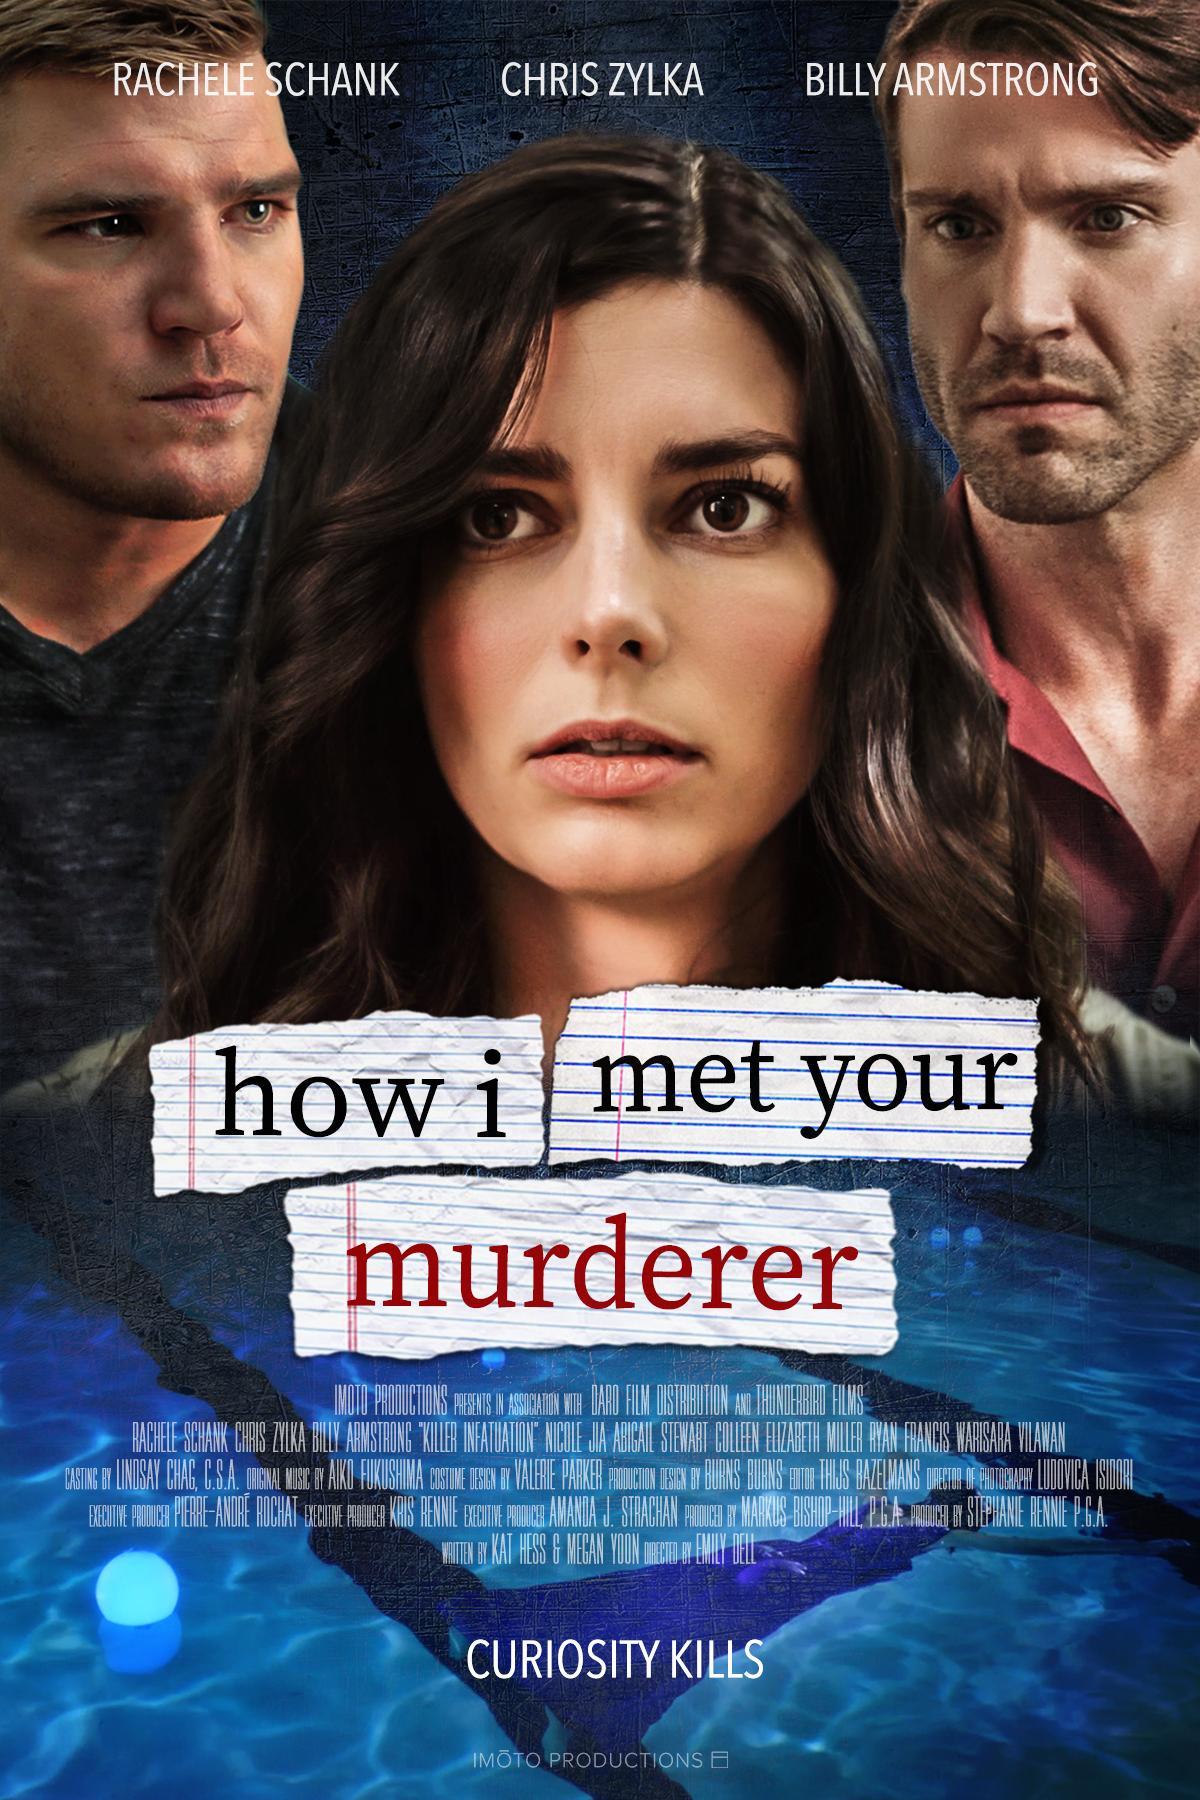 როგორ შევხვდი შენს მკვლელს / HOW I MET YOUR MURDERER